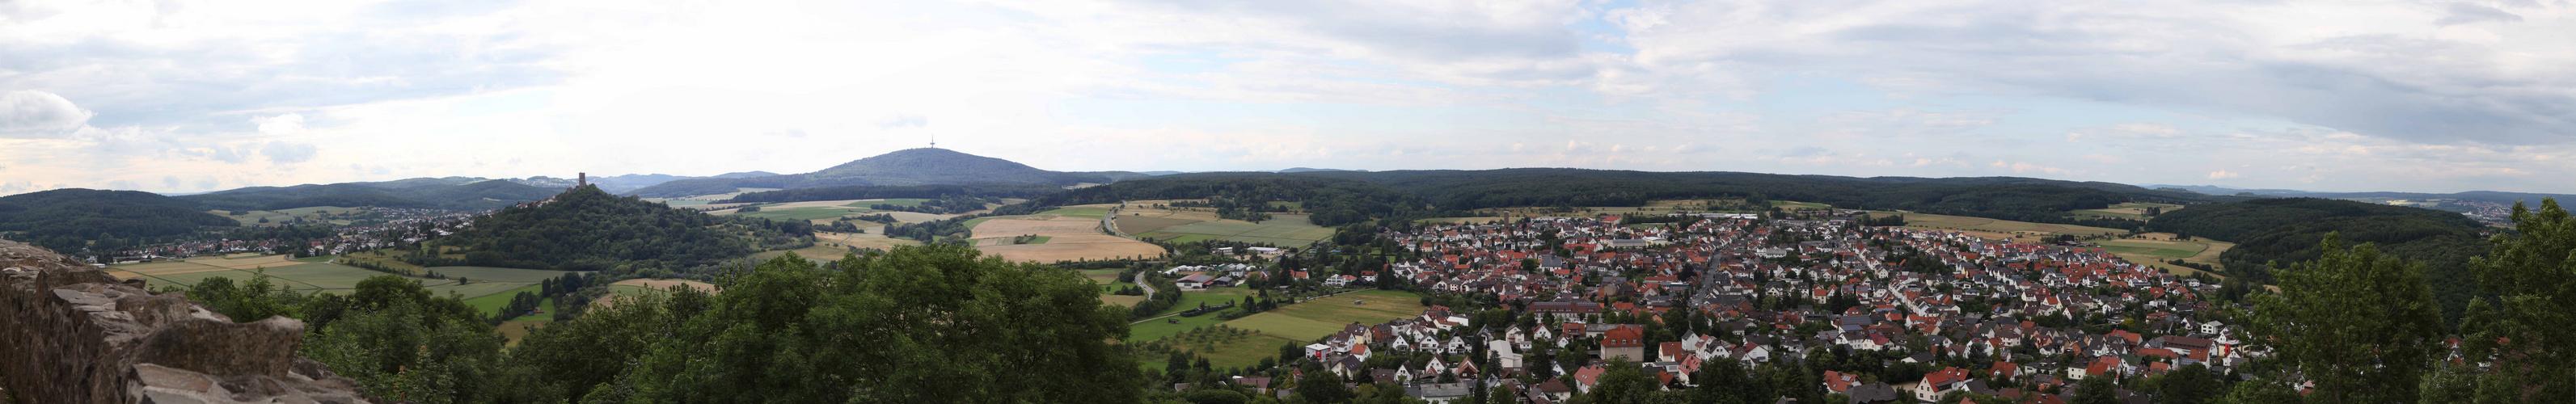 Burg Gleiberg Panorama